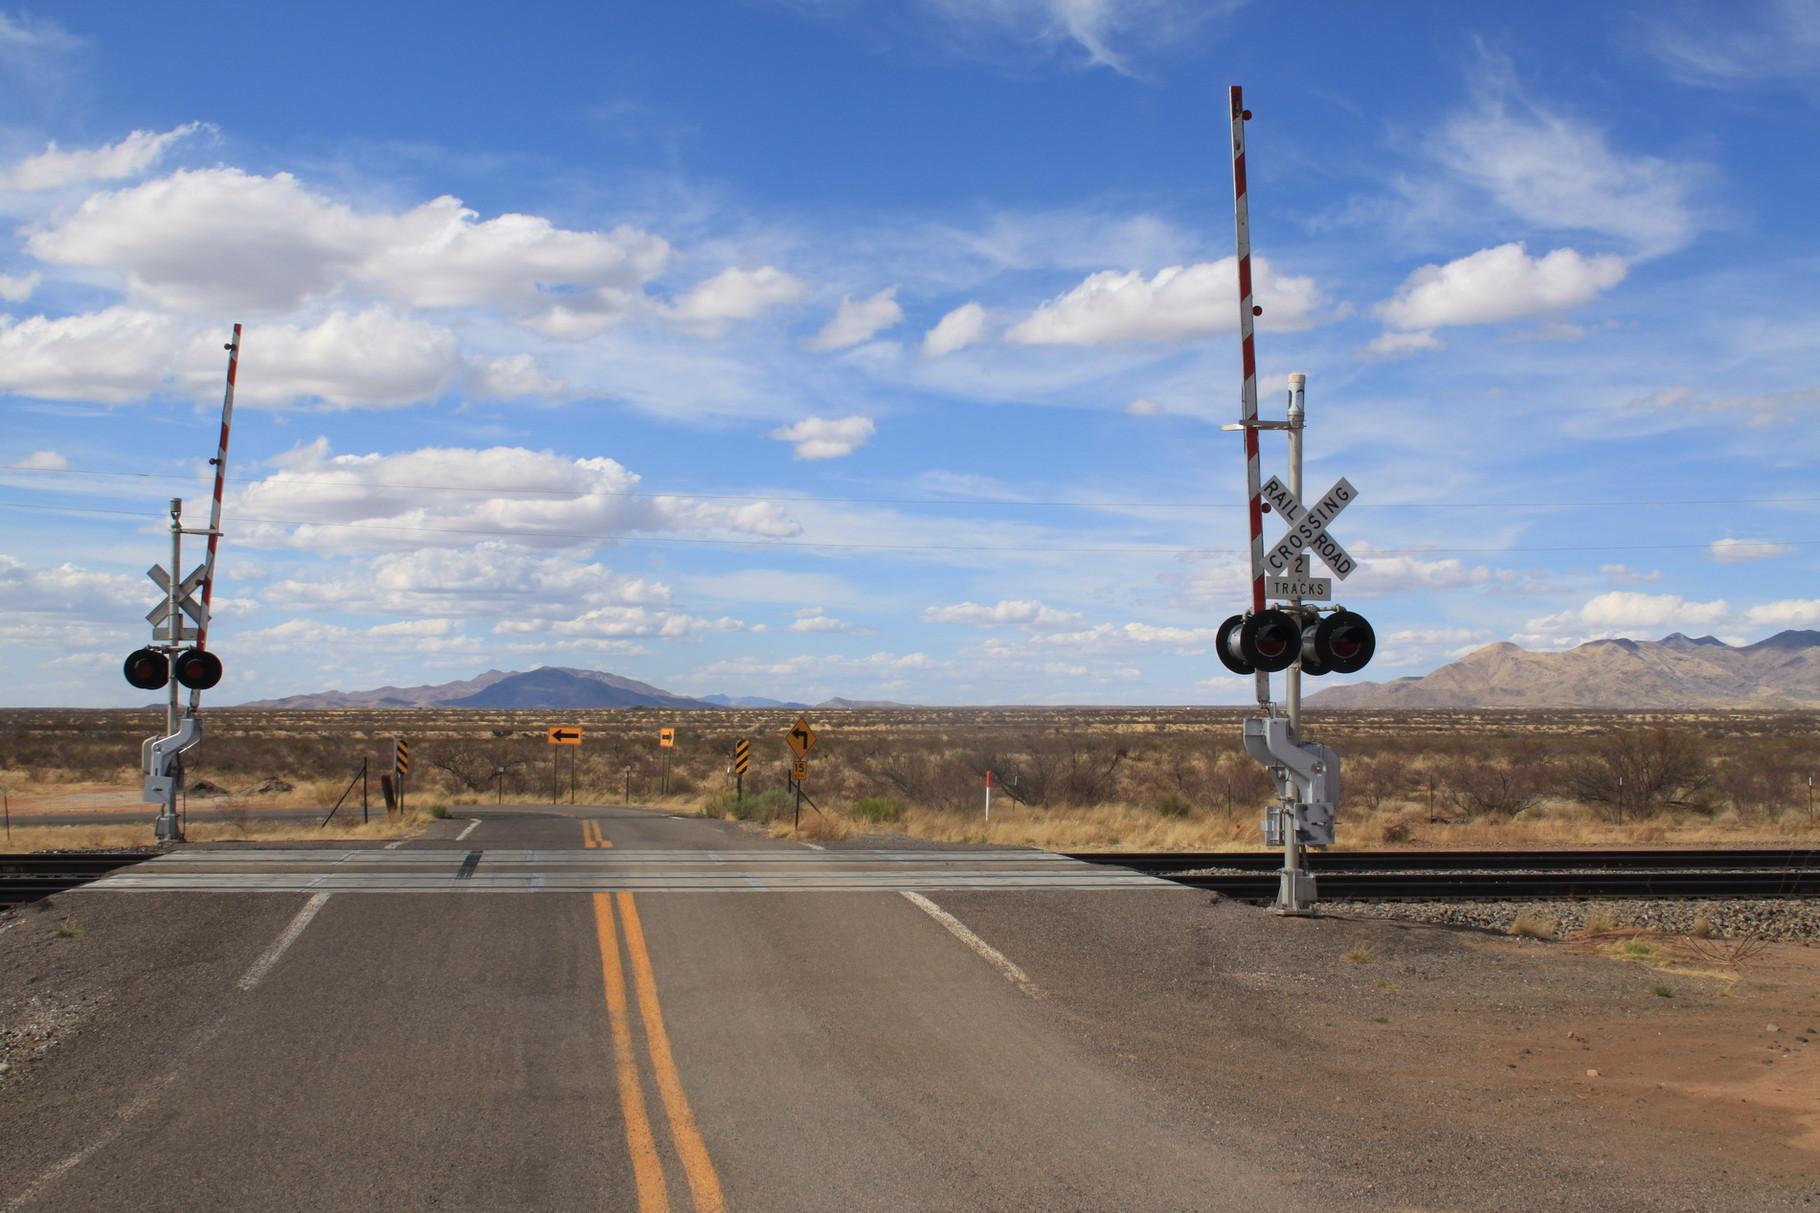 Landschaft ganz nahe der mexikanischen Grenze in Arizona.